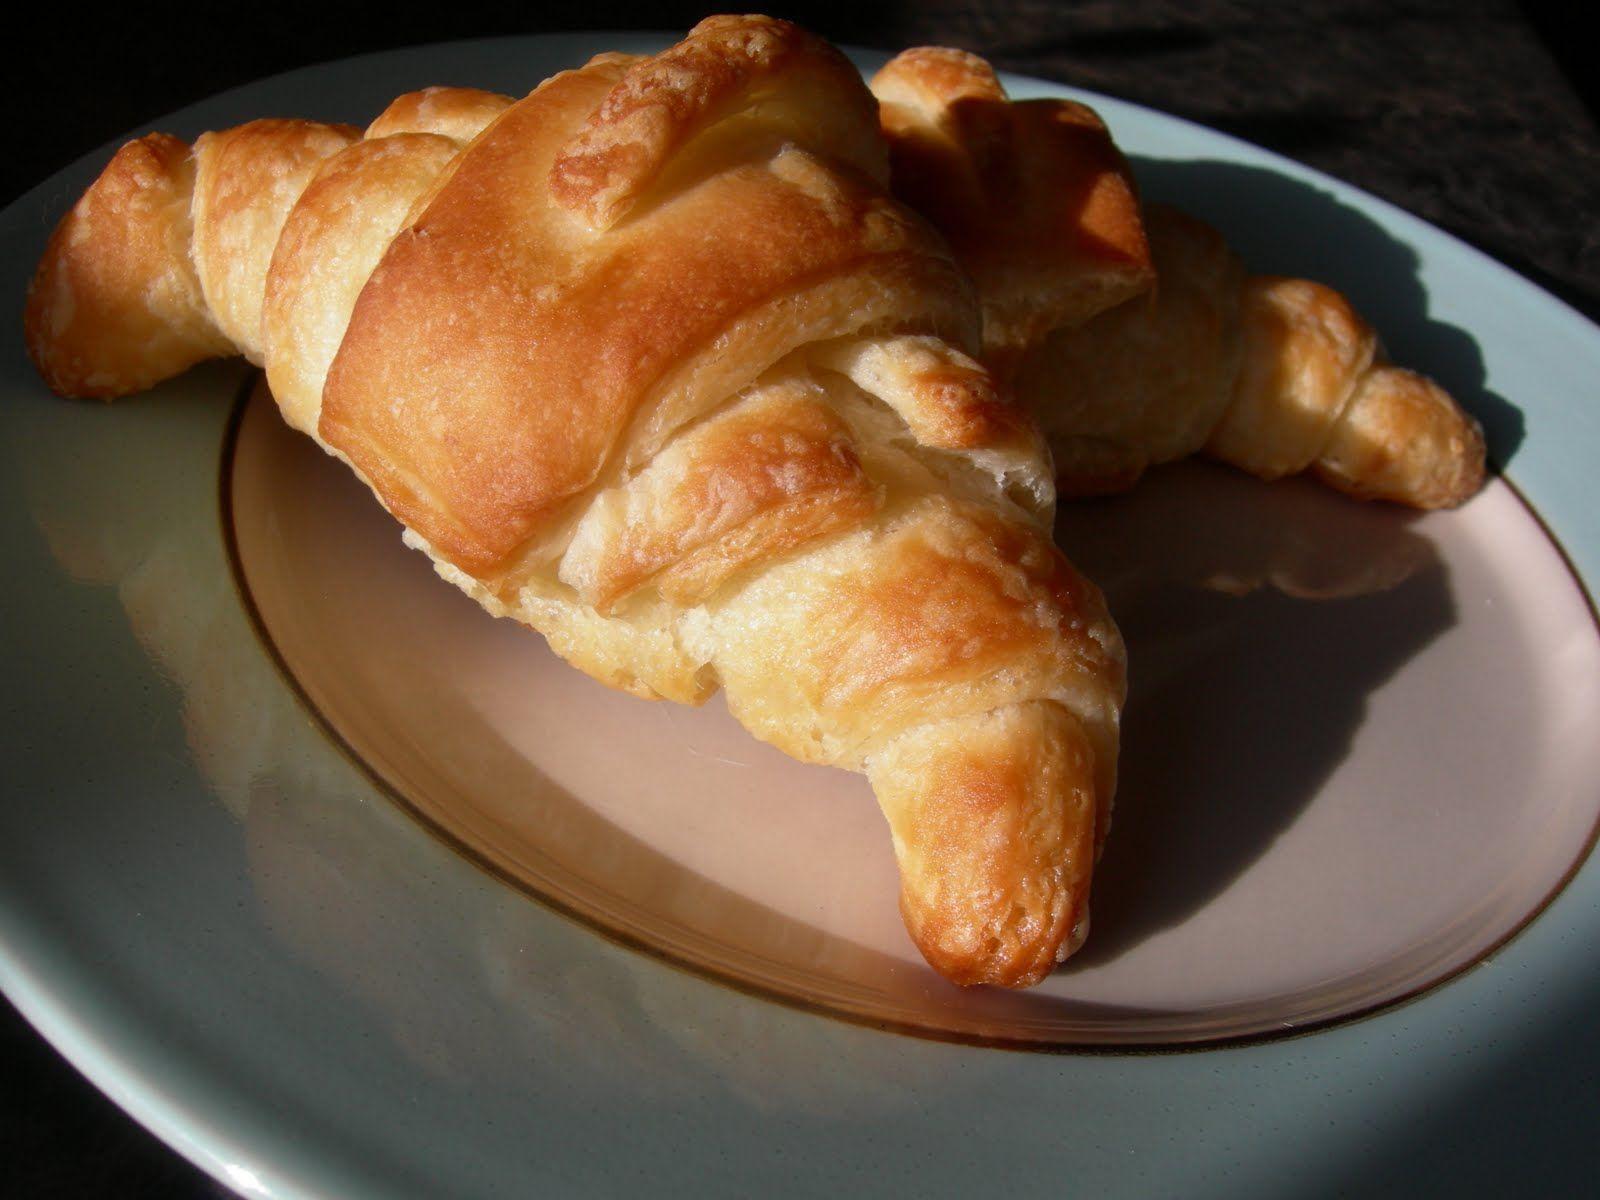 Croissants!